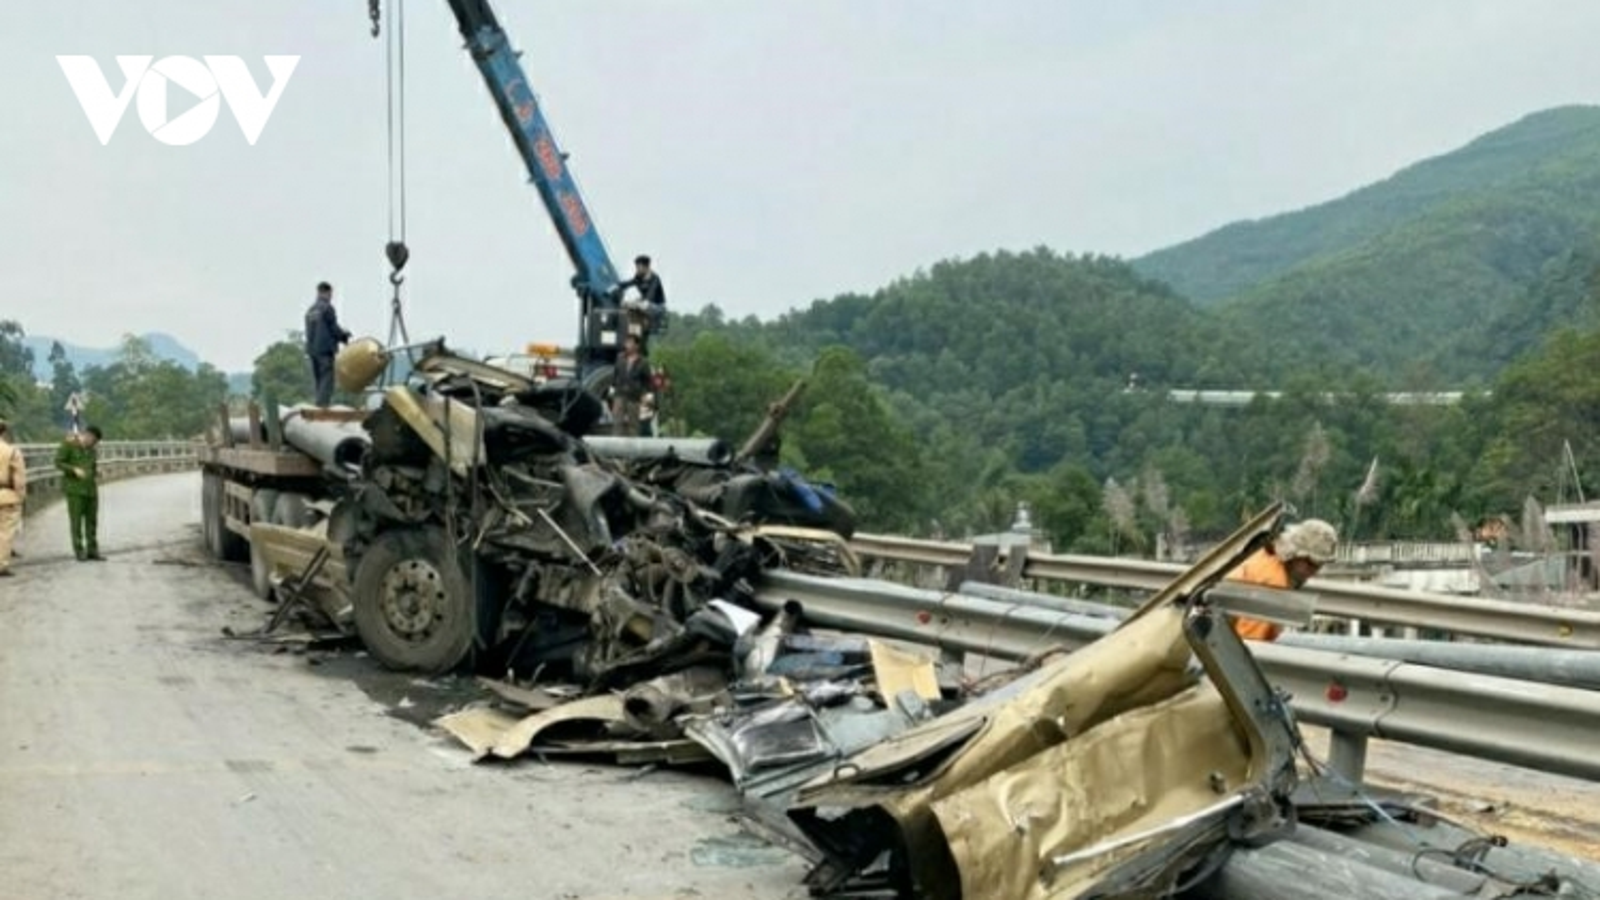 Xe kéo sơmi rơ moóc đâm vào dải phân cách, tài xế tử nạn tại chỗ